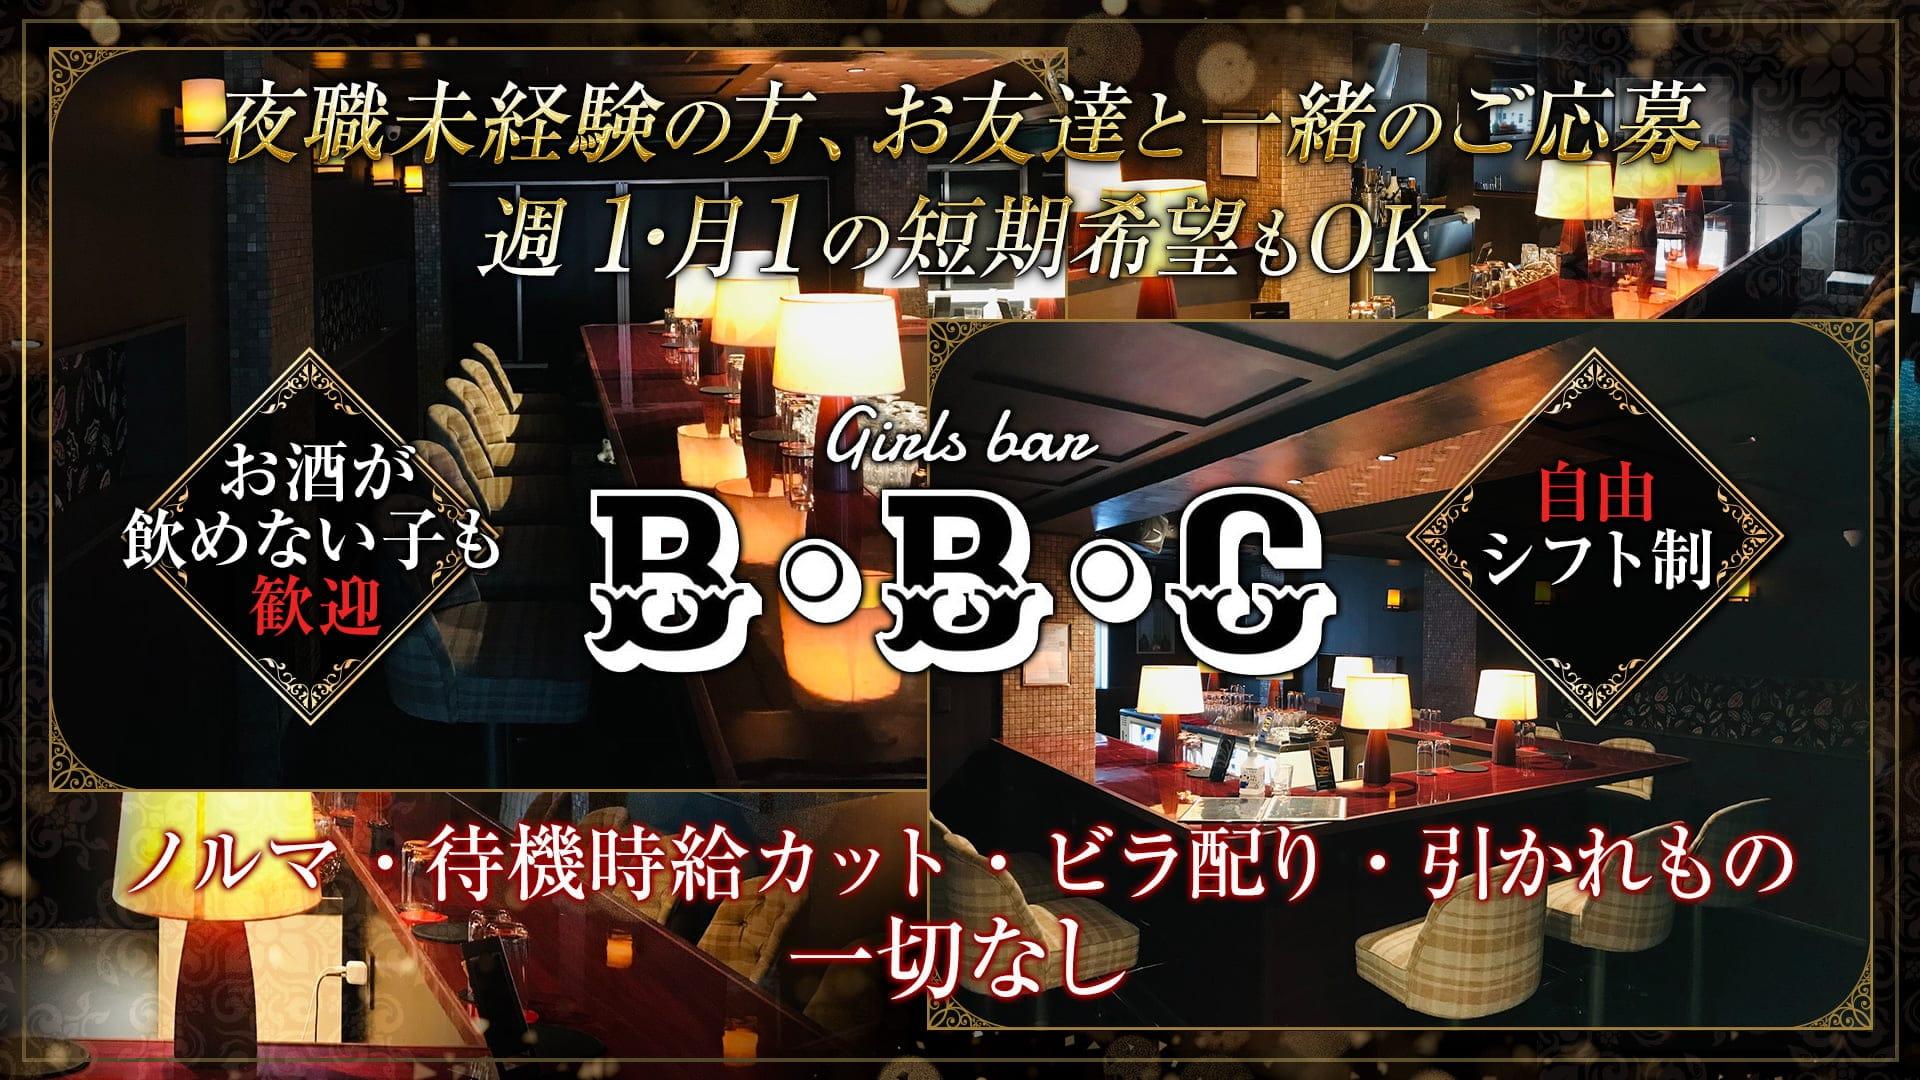 【24時間営業】Girls bar B・B・C(ビービーシー)【公式求人・体入情報】 歌舞伎町ガールズバー TOP画像